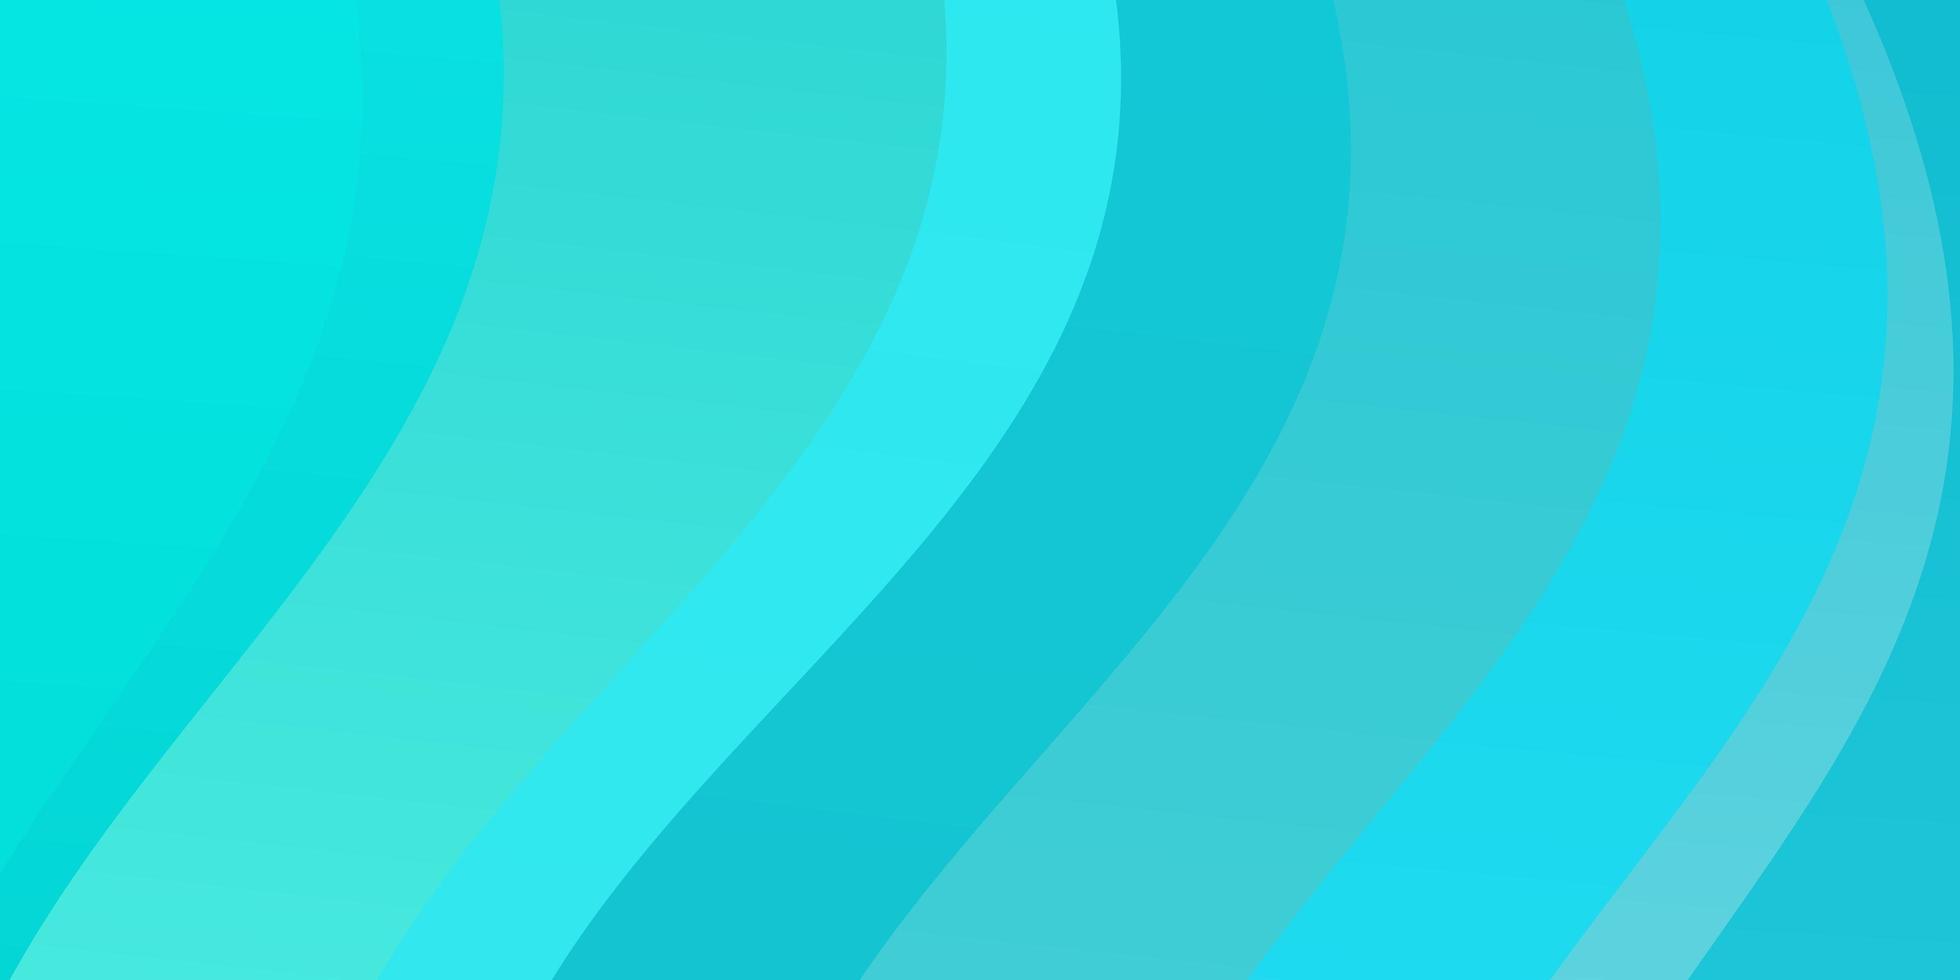 modèle vectoriel bleu clair, vert avec des lignes tordues.